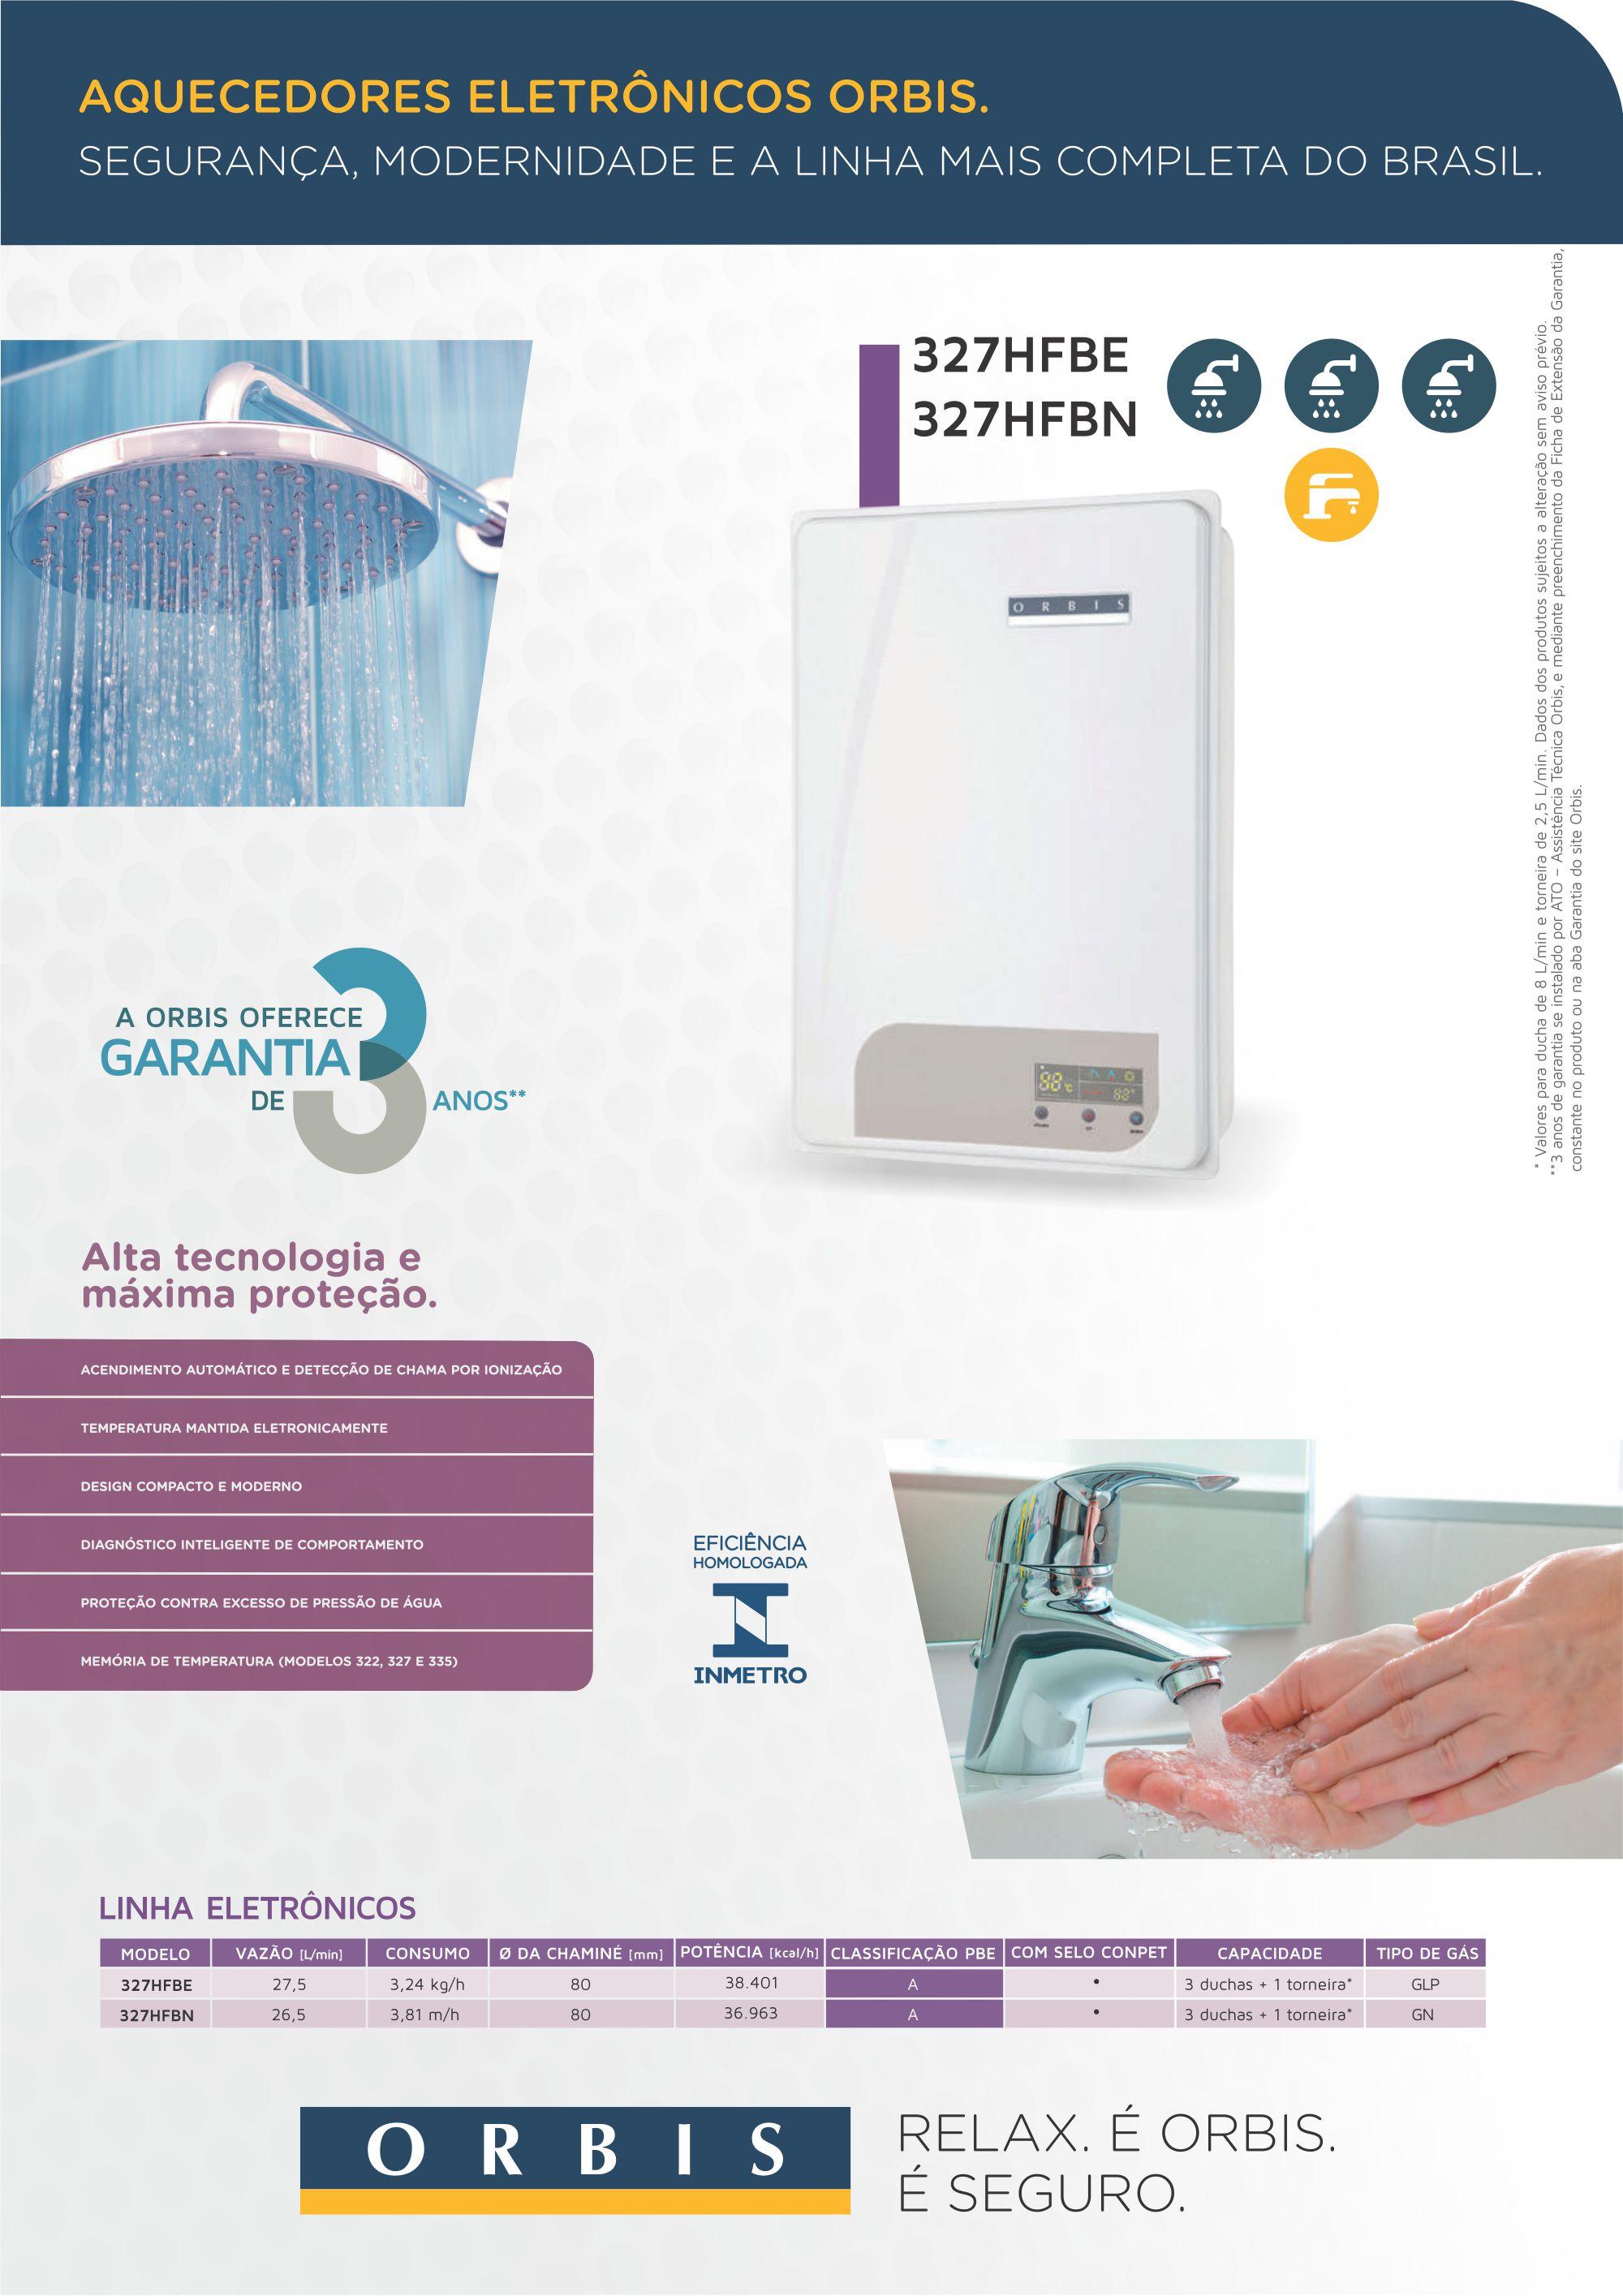 Aquecedor de Água ORBIS 327 HFB E/N GLP  27.5 Lts/Minuto